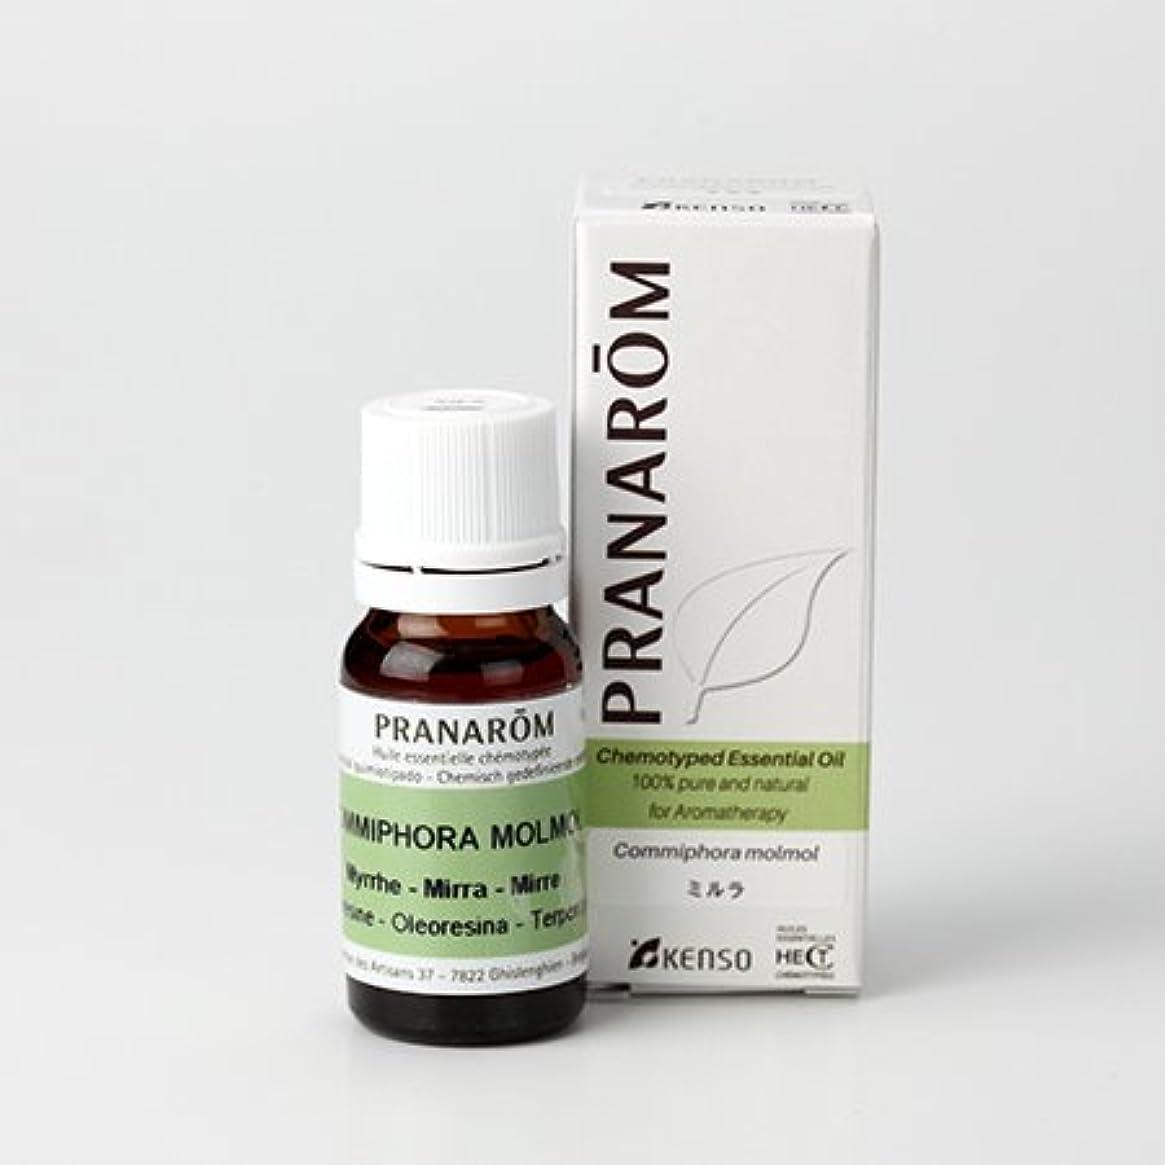 写真撮影こっそり溶かす【ミルラ 10ml】→ムスクに似た深い香り?(樹脂系)[PRANAROM(プラナロム)精油/アロマオイル/エッセンシャルオイル]P-48